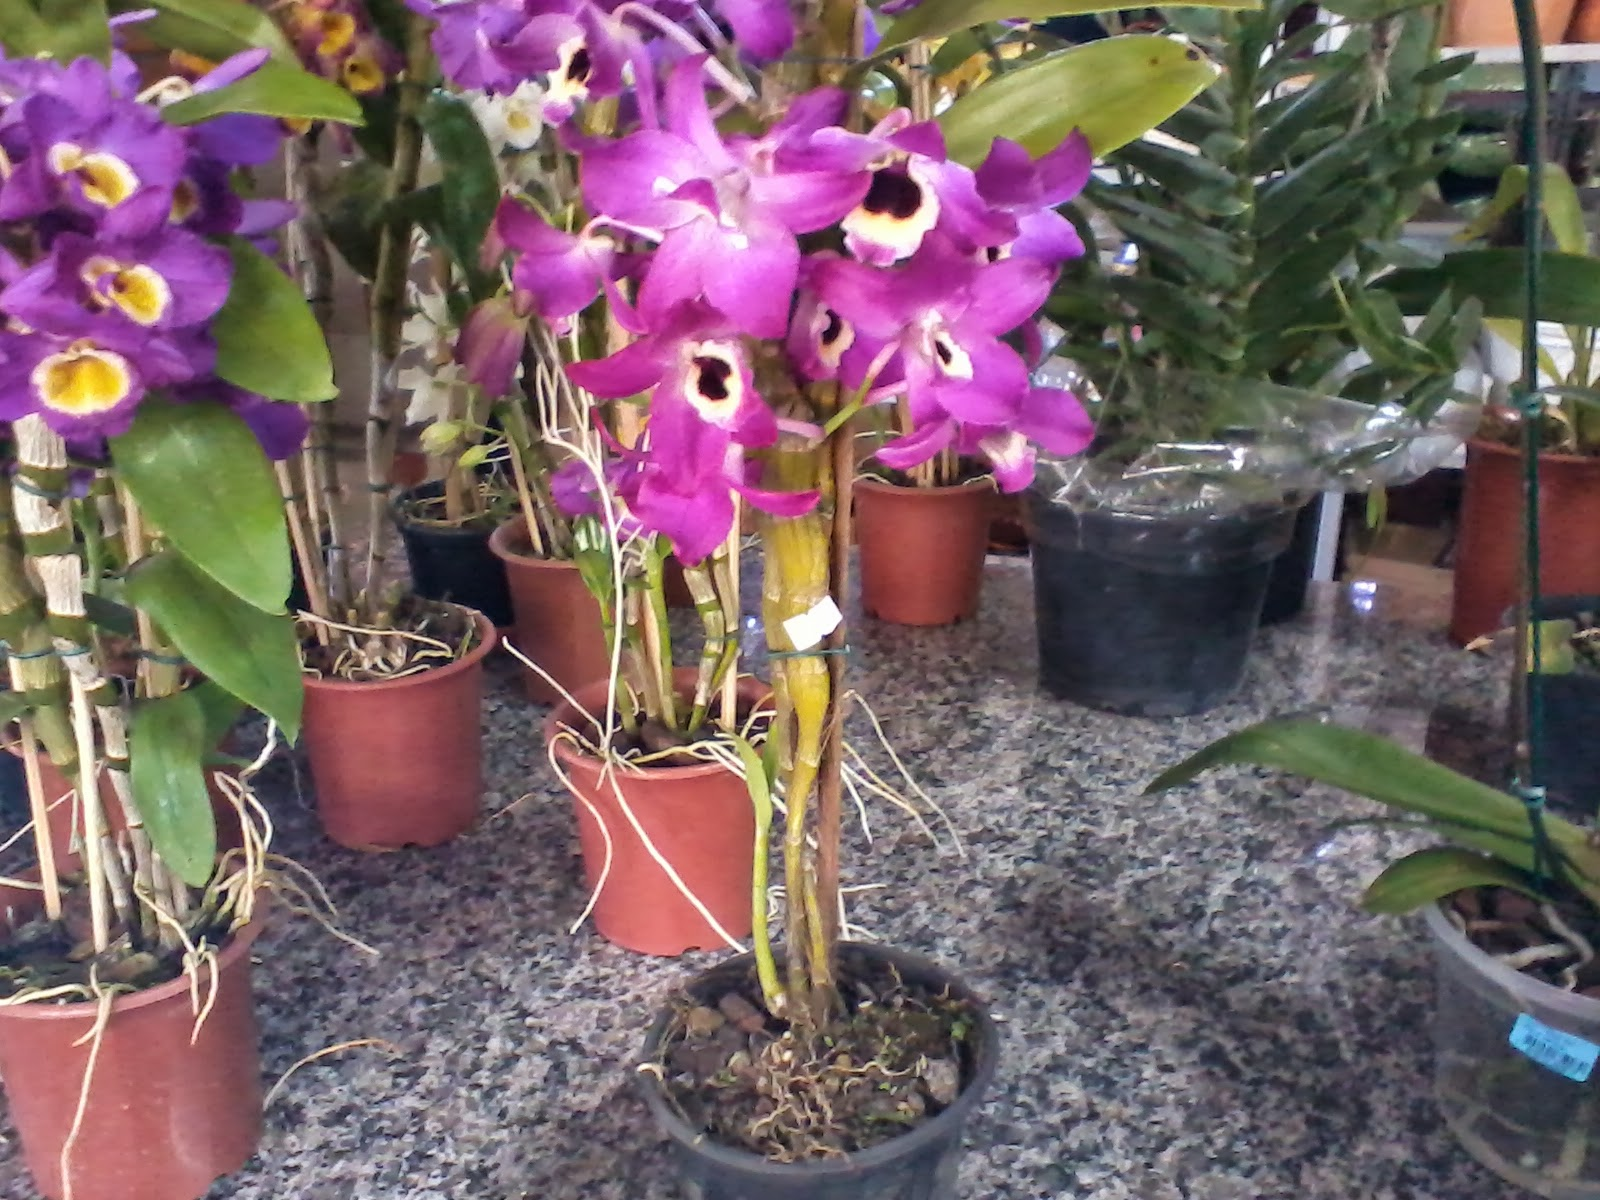 Mania de Verde: Orquídea olho de boneca #9B3097 1600x1200